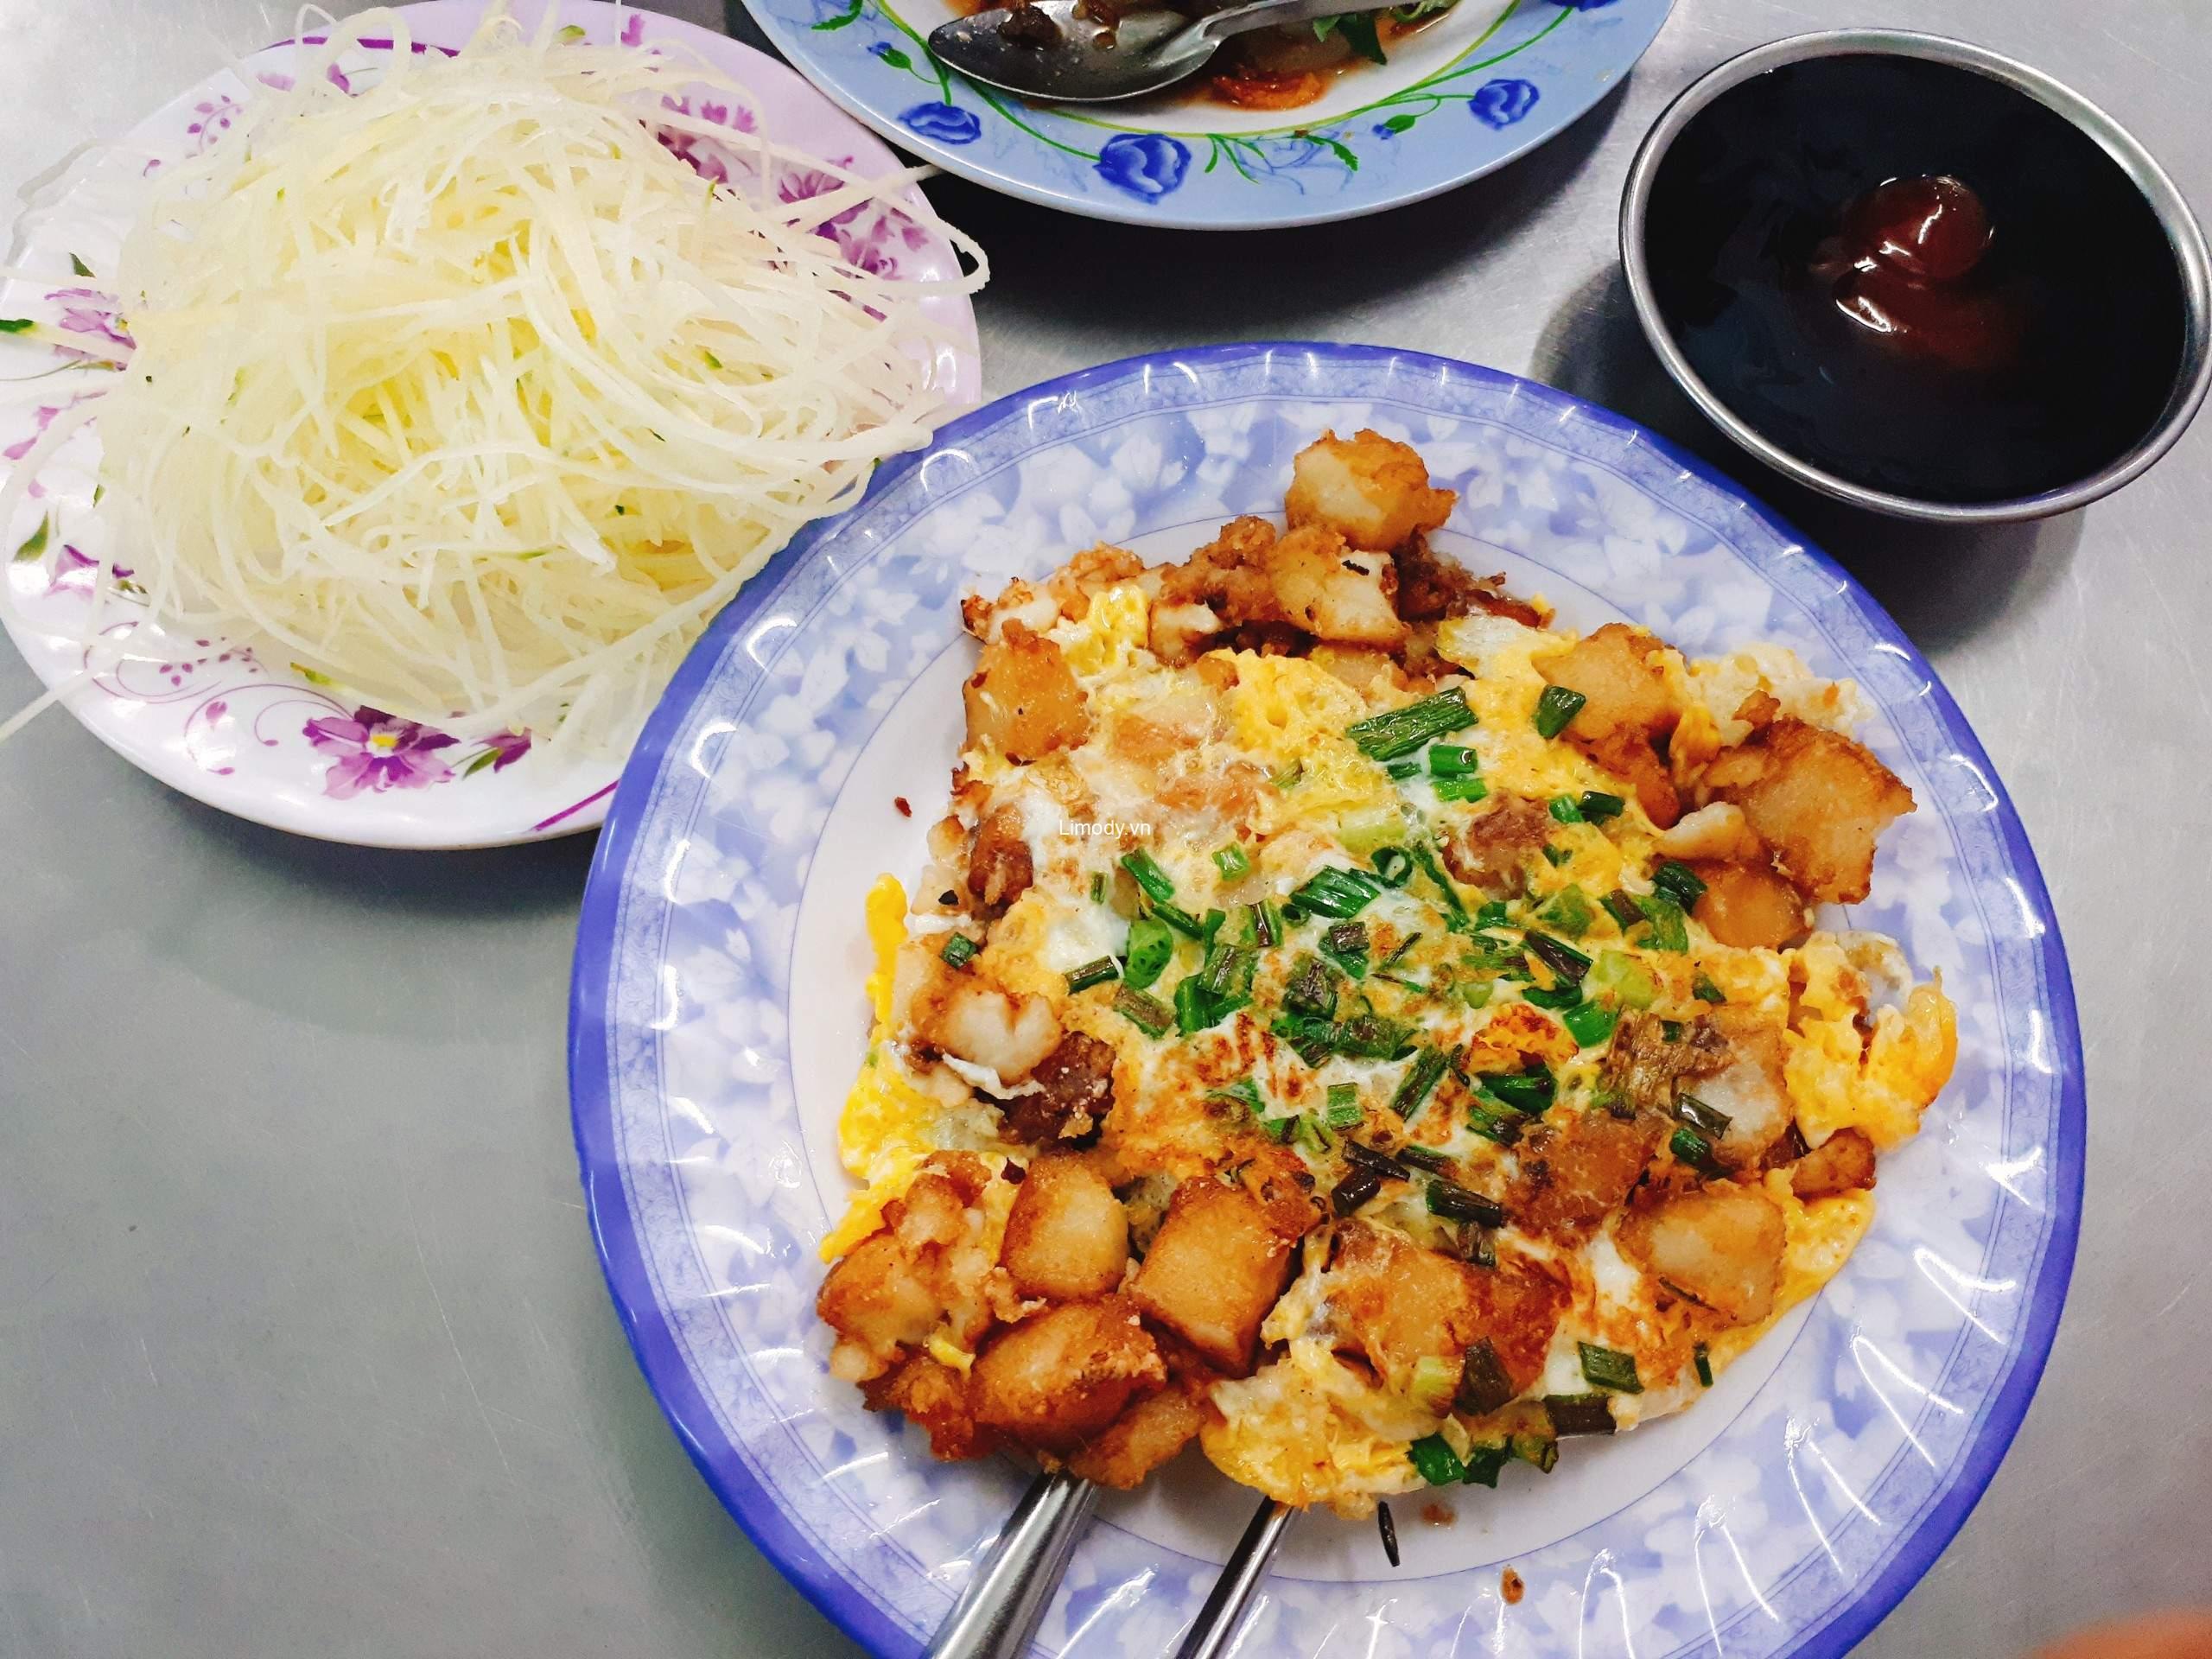 Ăn gì ở Sài Gòn? Top 60 Món ngon nhà hàng quán ăn ngon Sài Gòn TPHCM